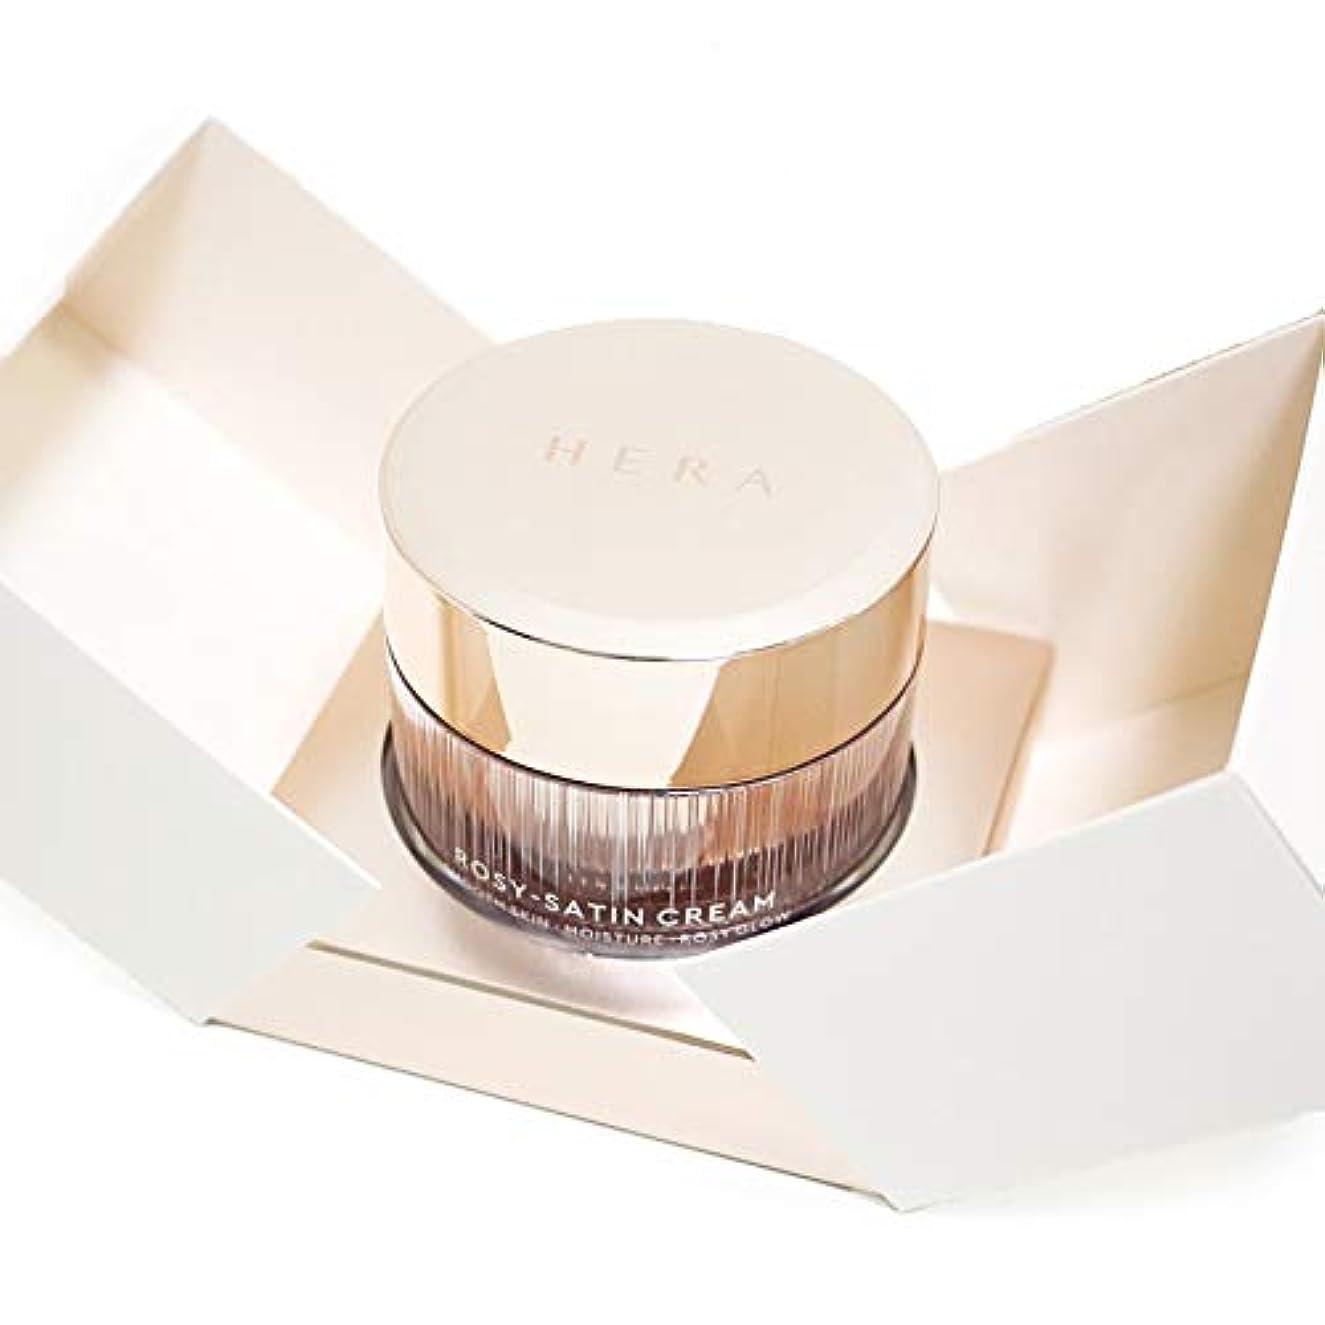 ラインナップ容量増強する[ヘラ HERA] 新発売 ロージーサテンクリーム50ML Rosy-Satin Cream 50ml  海外直送品